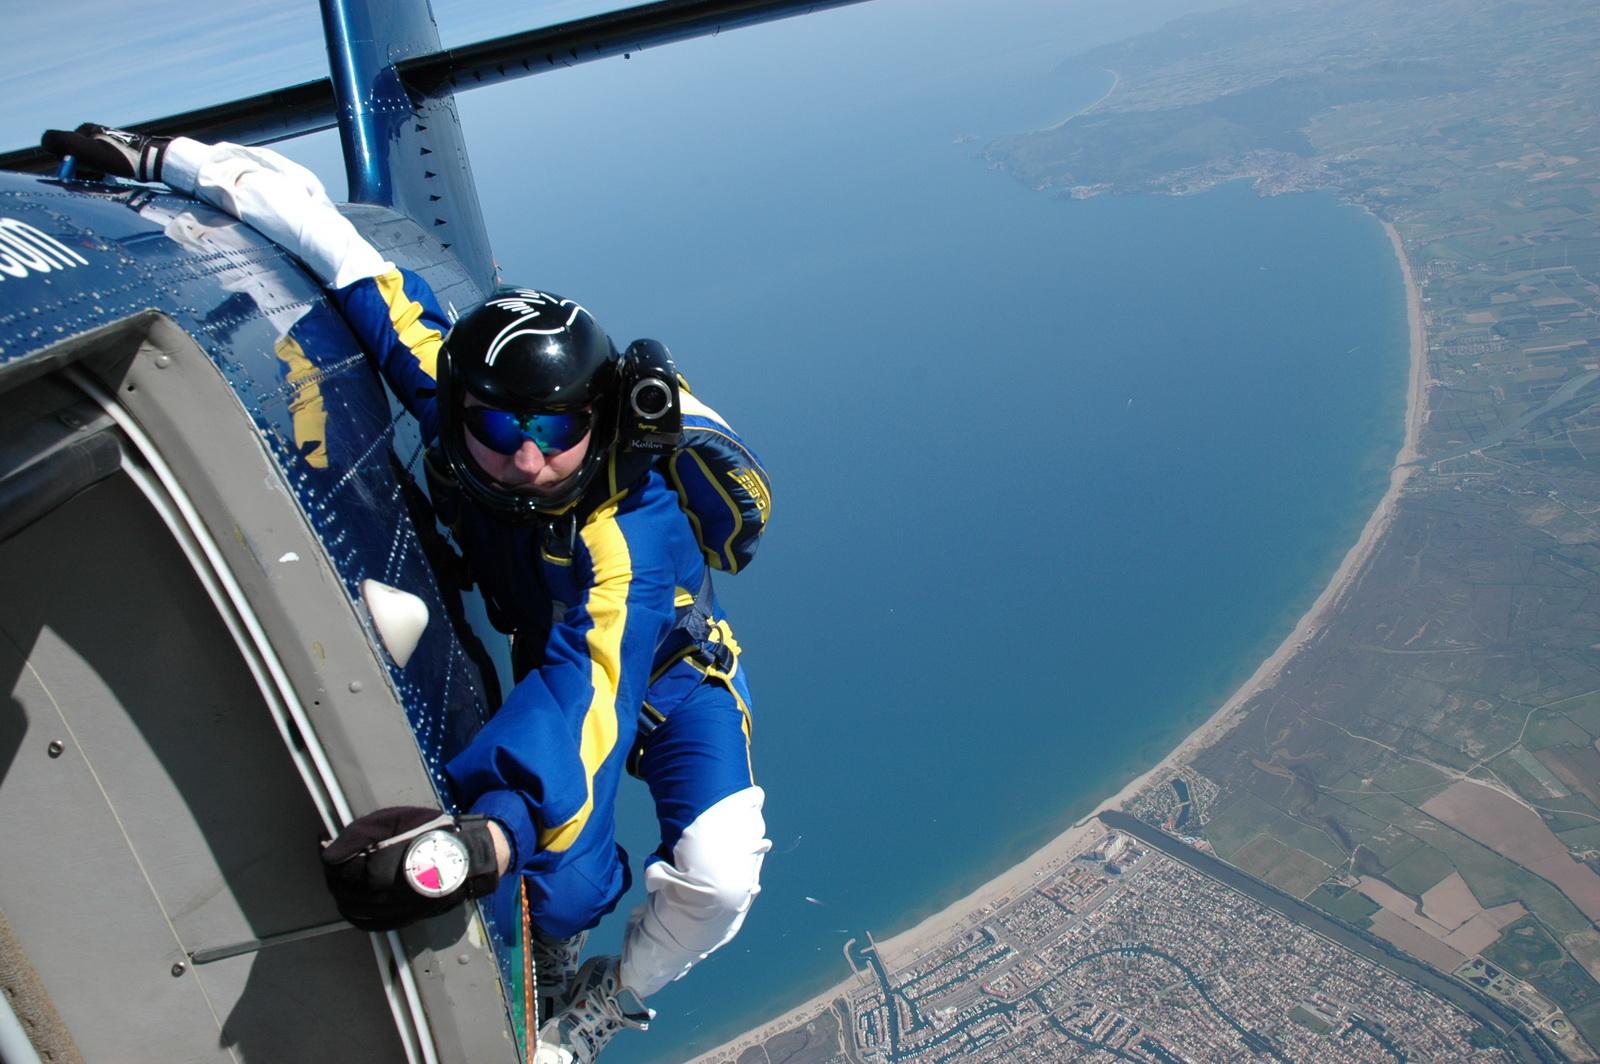 Tandemugrás - ejtőernyőzés - élmény